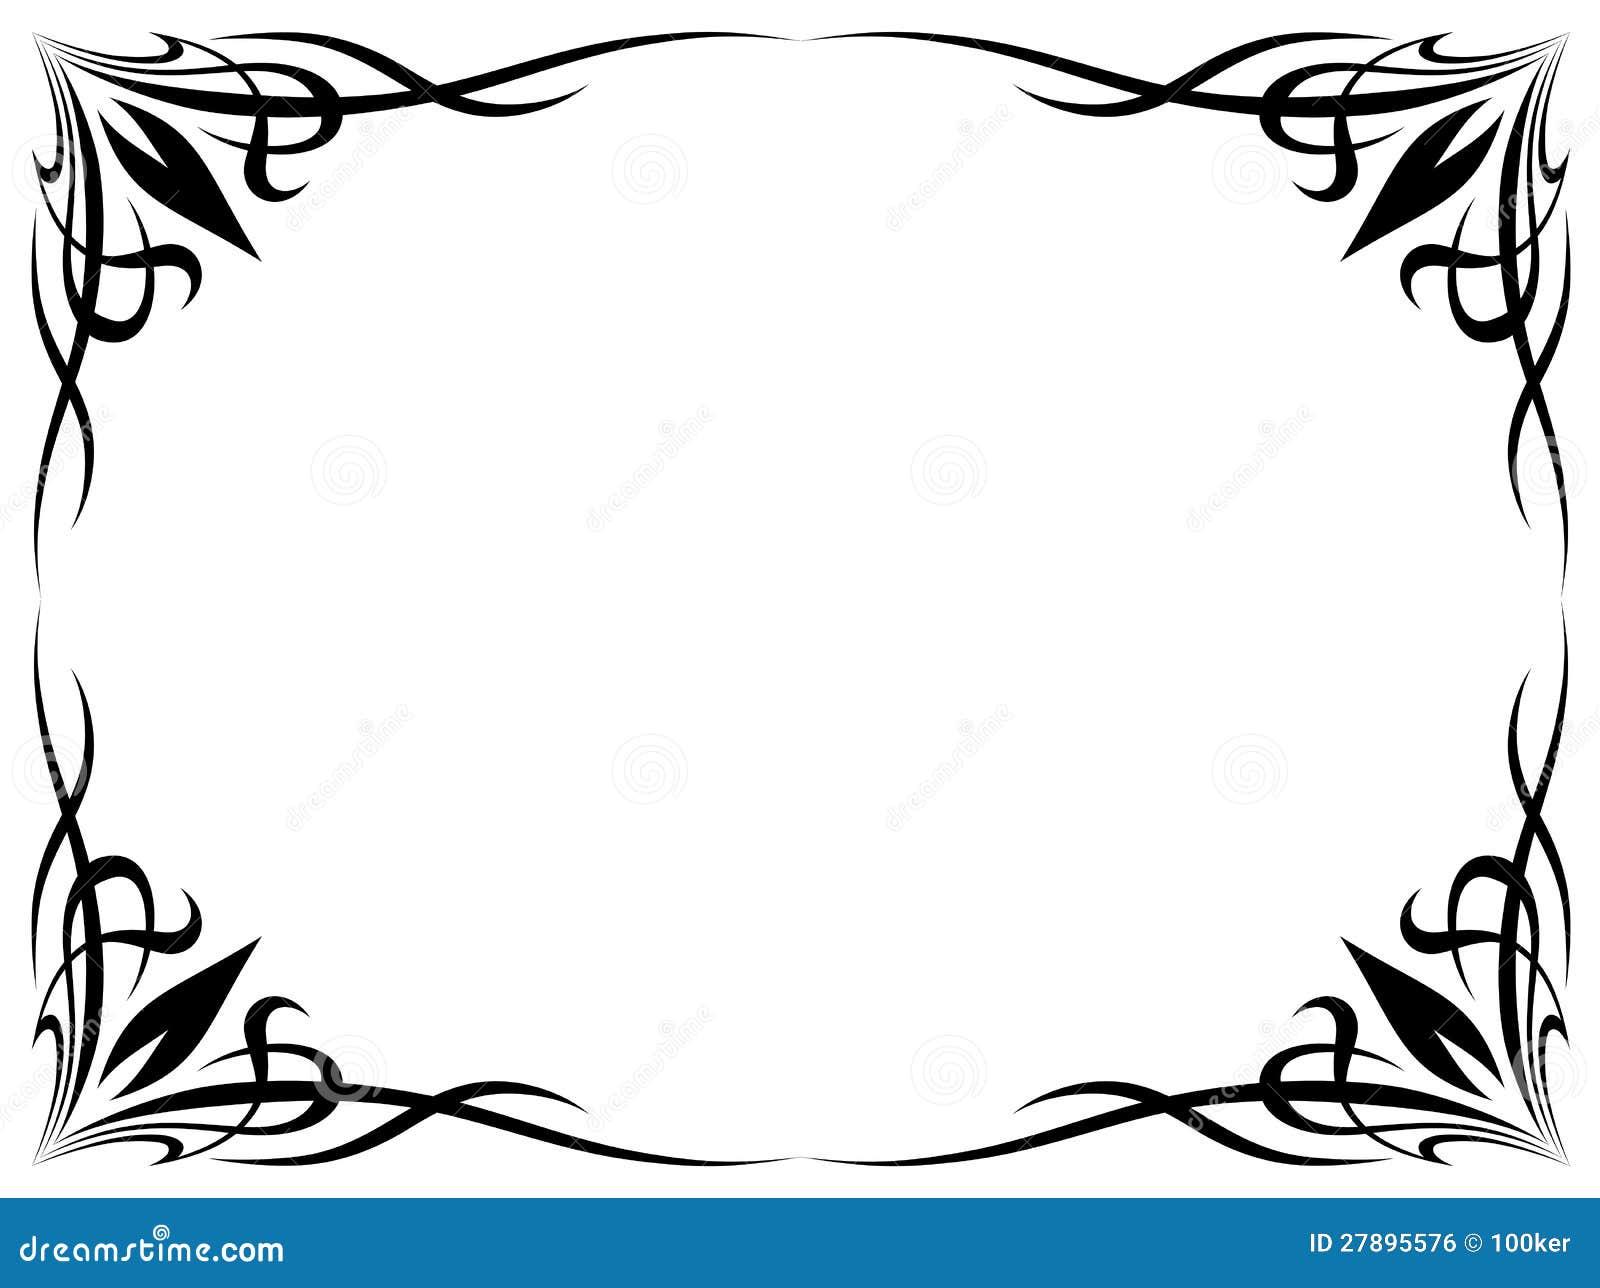 Marco Decorativo Ornamental Del Tatuaje Negro Simple Ilustración del ...